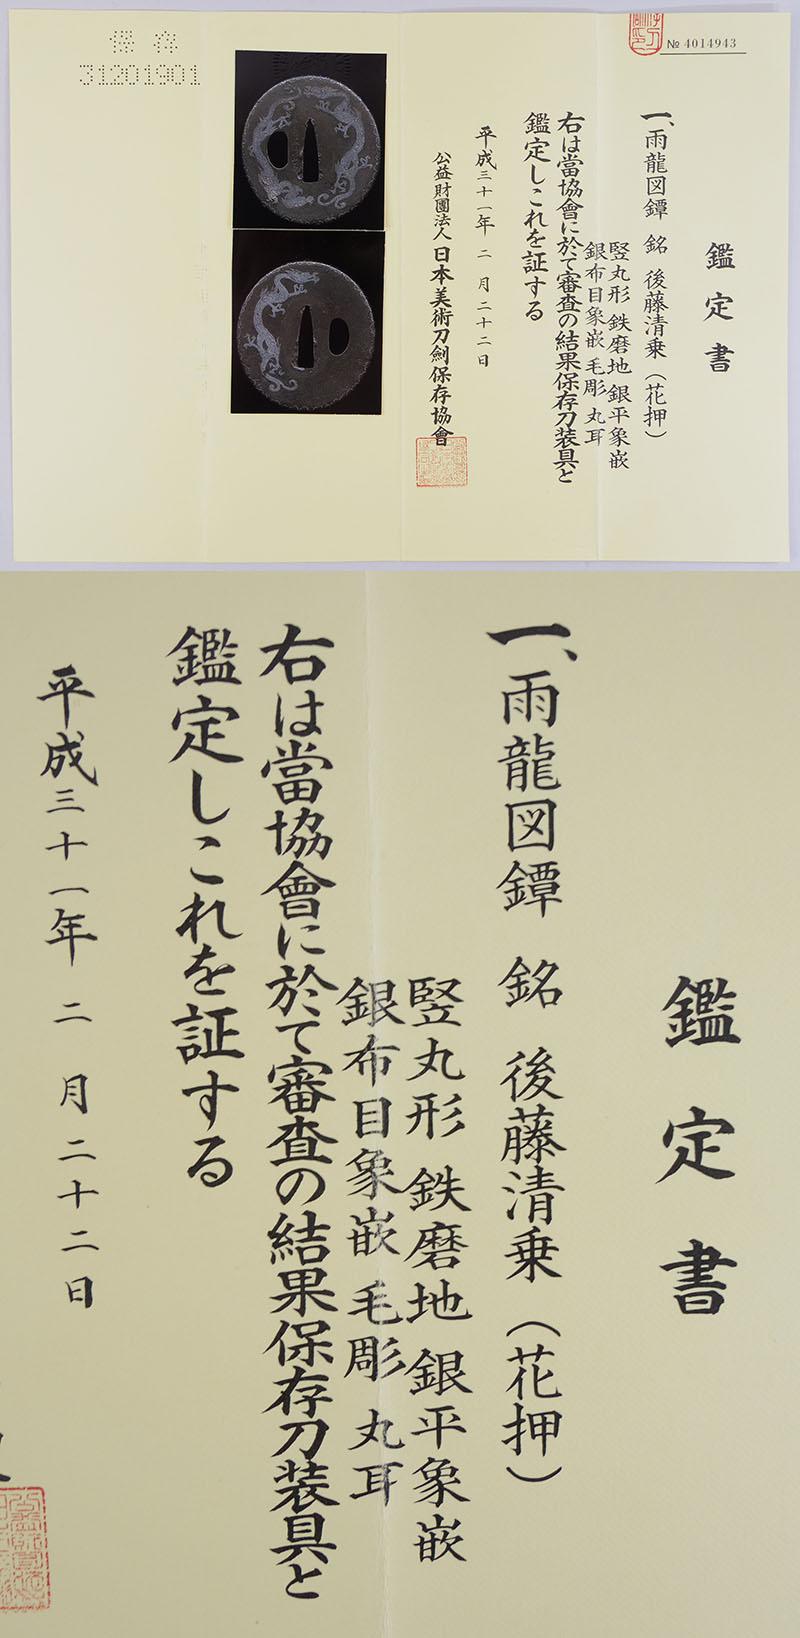 雨龍図鍔 後藤清乗(花押)(権兵衛家)鑑定書画像